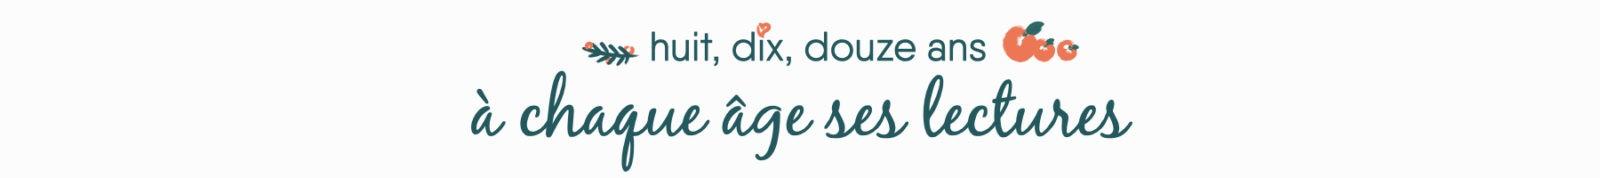 TETRASLIRE PAR AGE BOUTIQUE DE NOEL